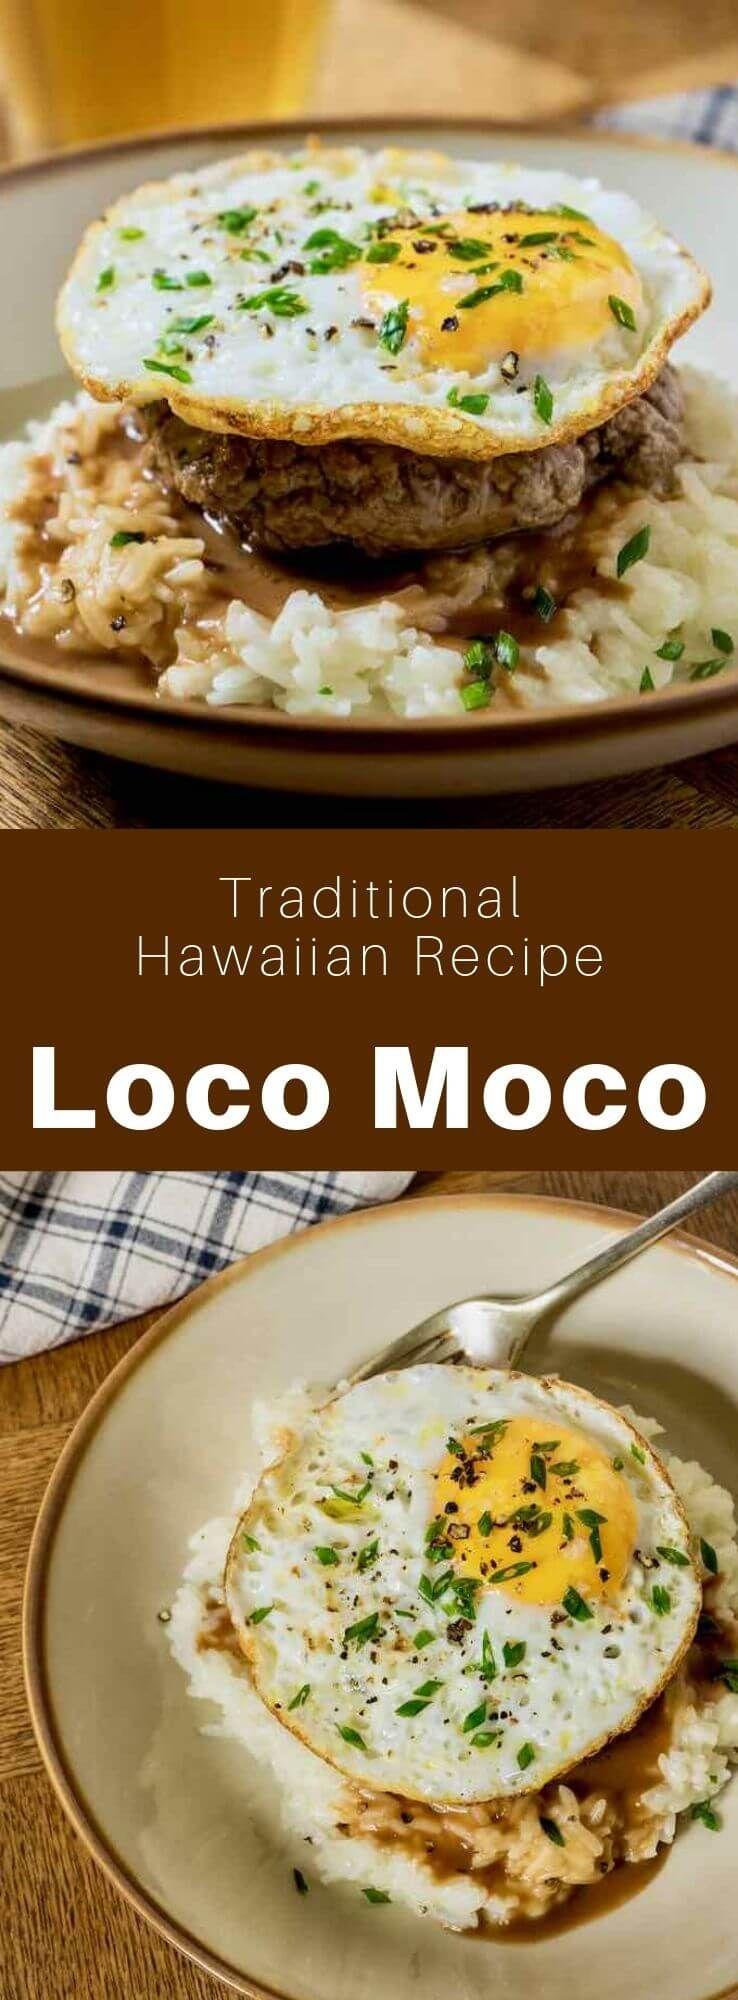 Hawaii: Loco Moco